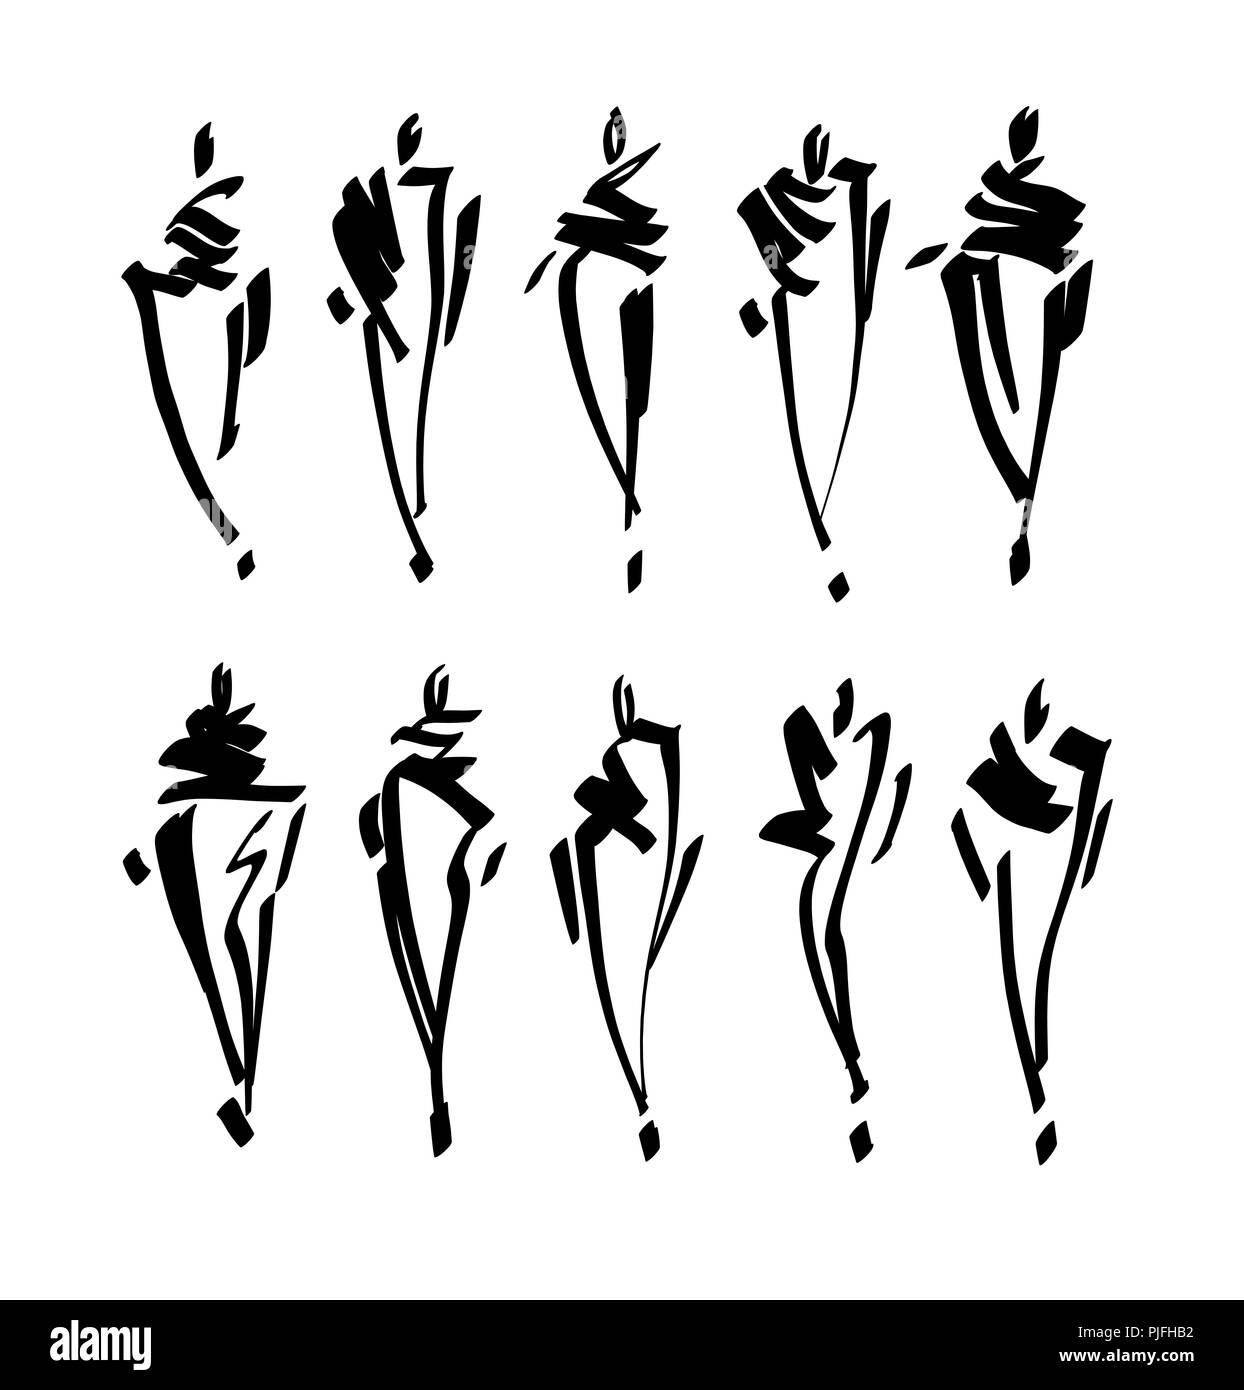 Modelli di moda Bozzetto disegnato a mano , silhouette stilizzata isolato. Vettore illustrazione moda set. Immagini Stock